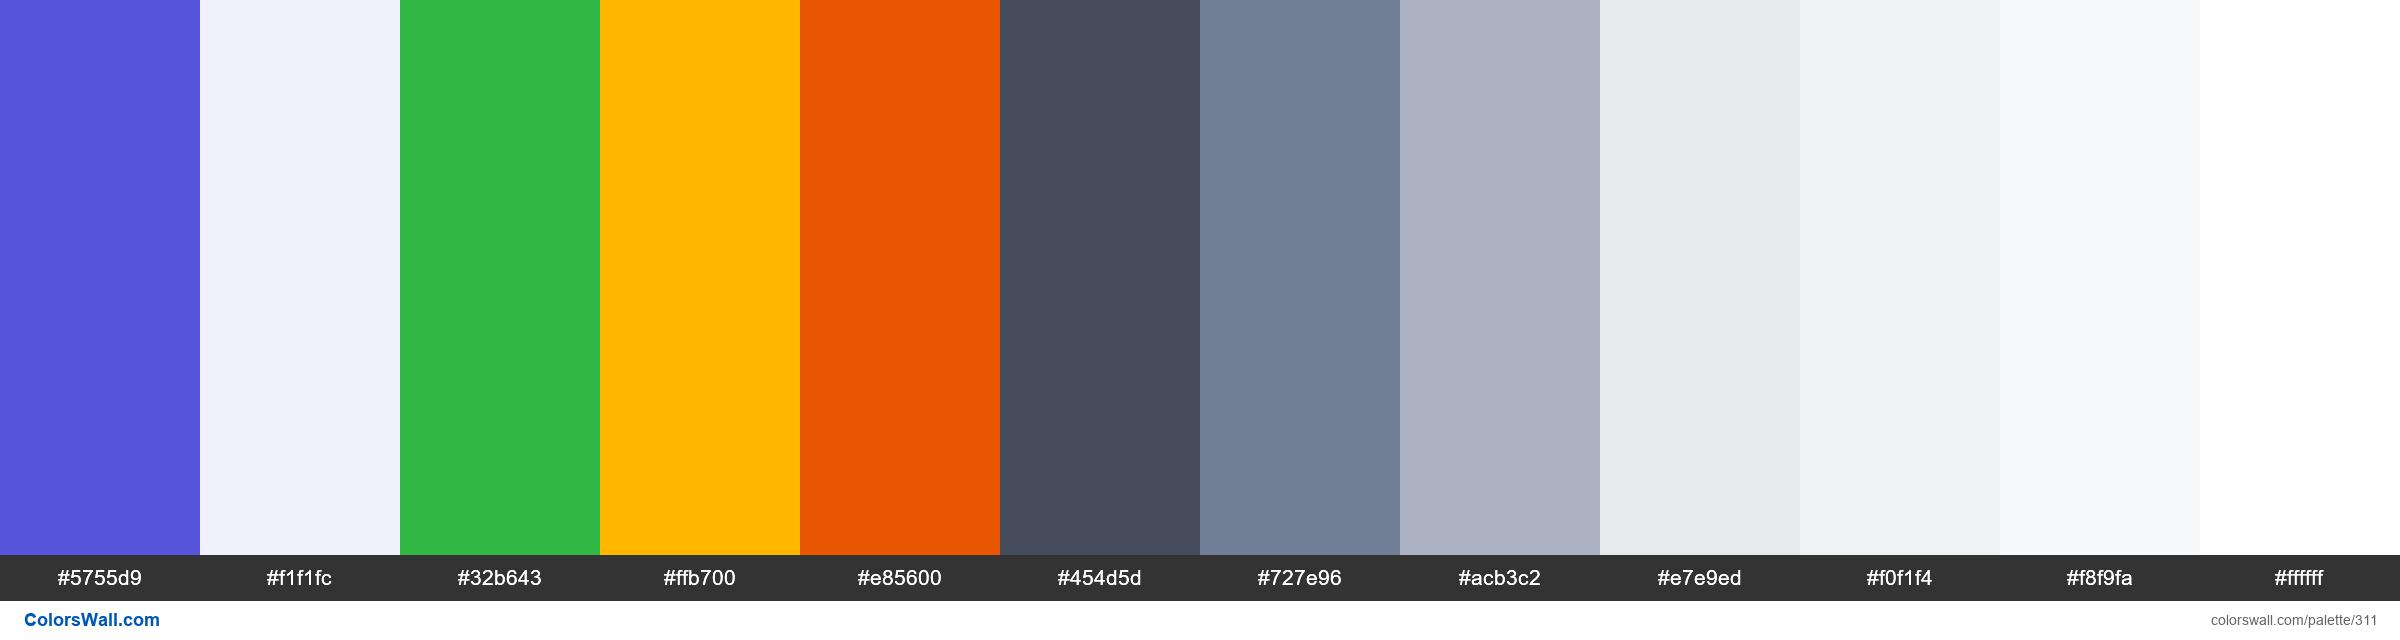 Spectre.css colors palette - #311